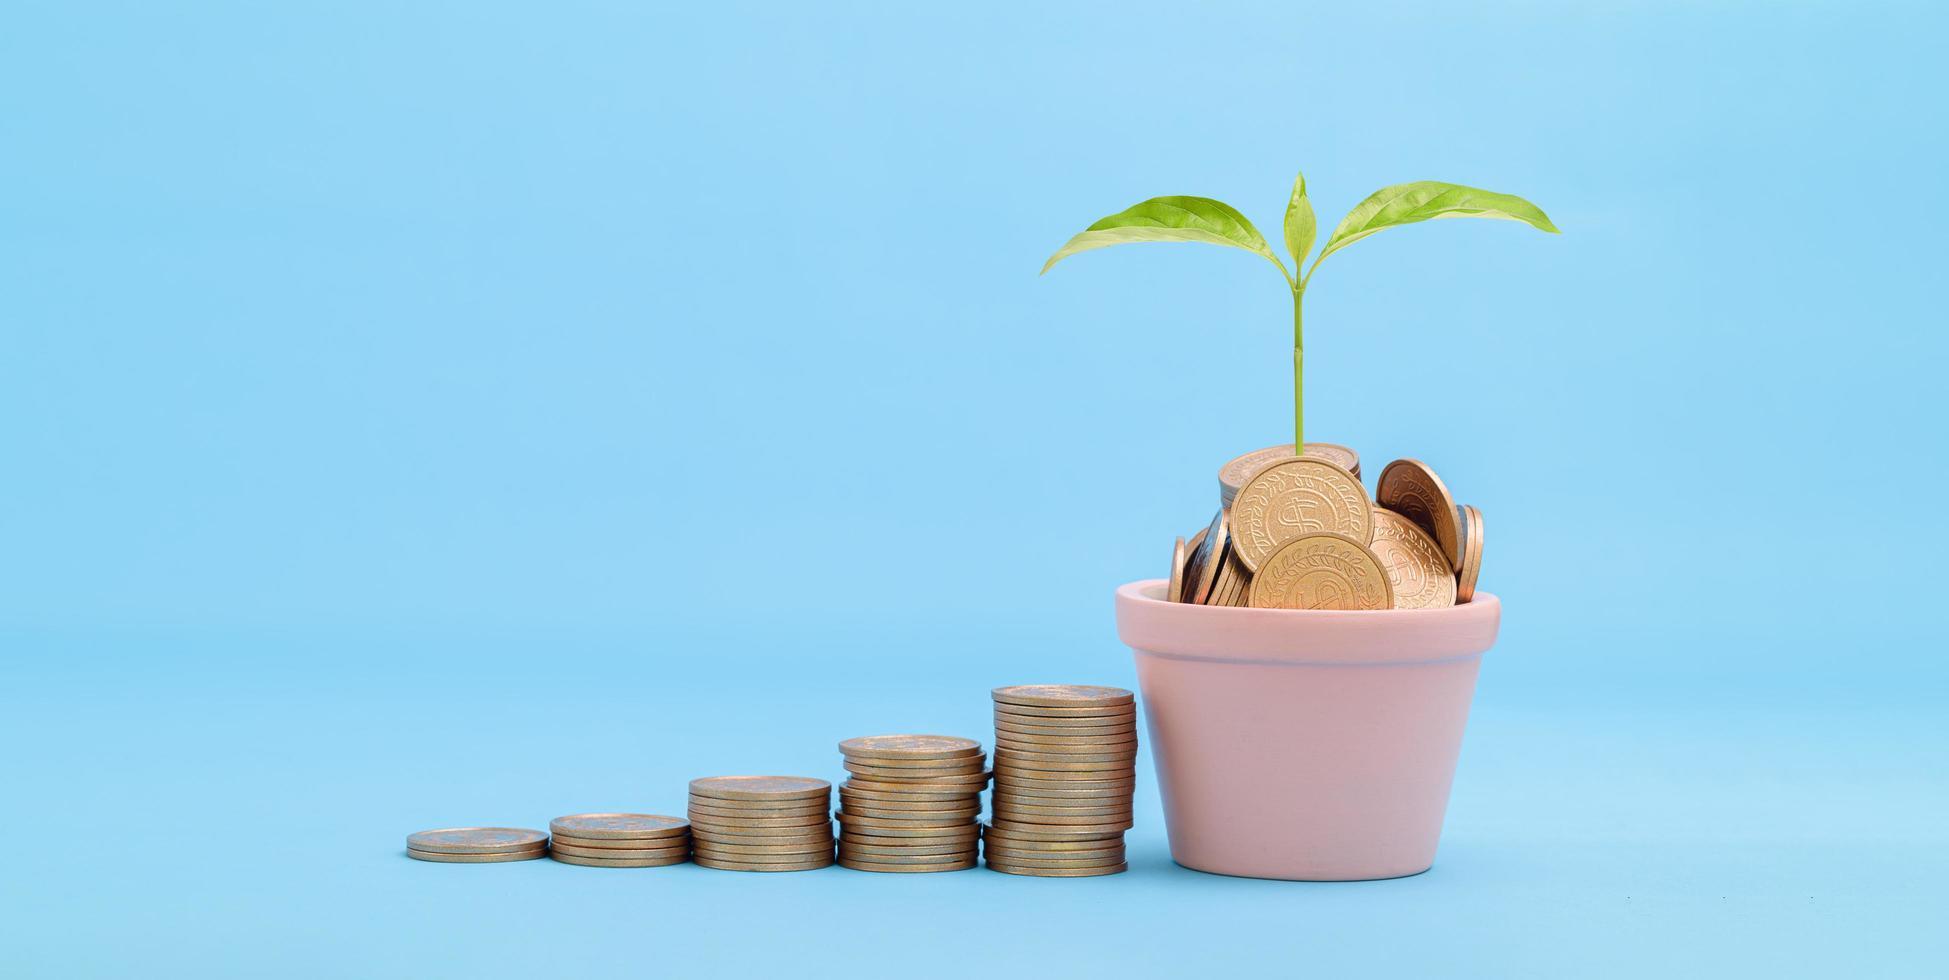 concept voorraad investeringen geld verzamelen gestapelde munten foto